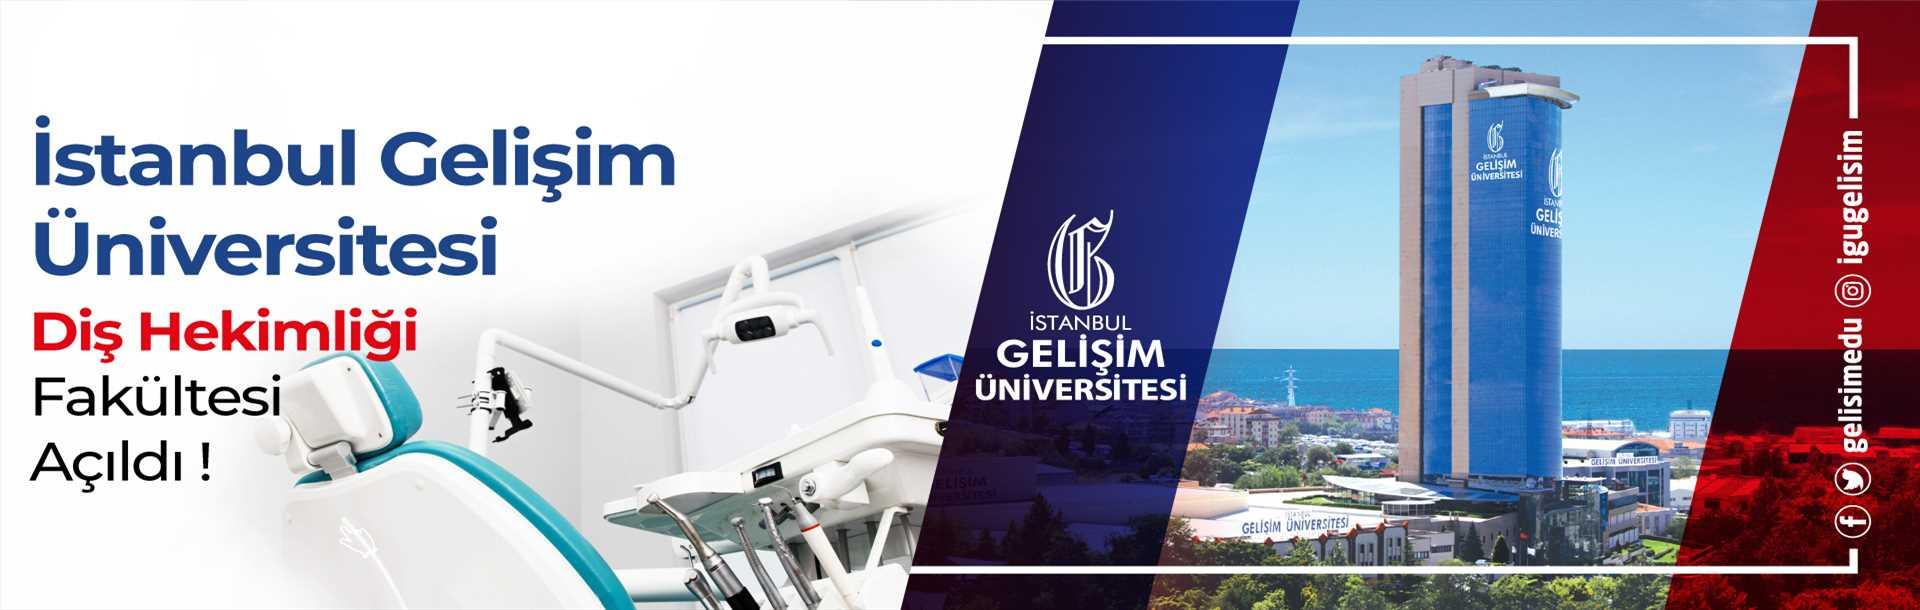 İstanbul Gelişim Üniversitesi Diş Hekimliği Fakültesi Açıldı